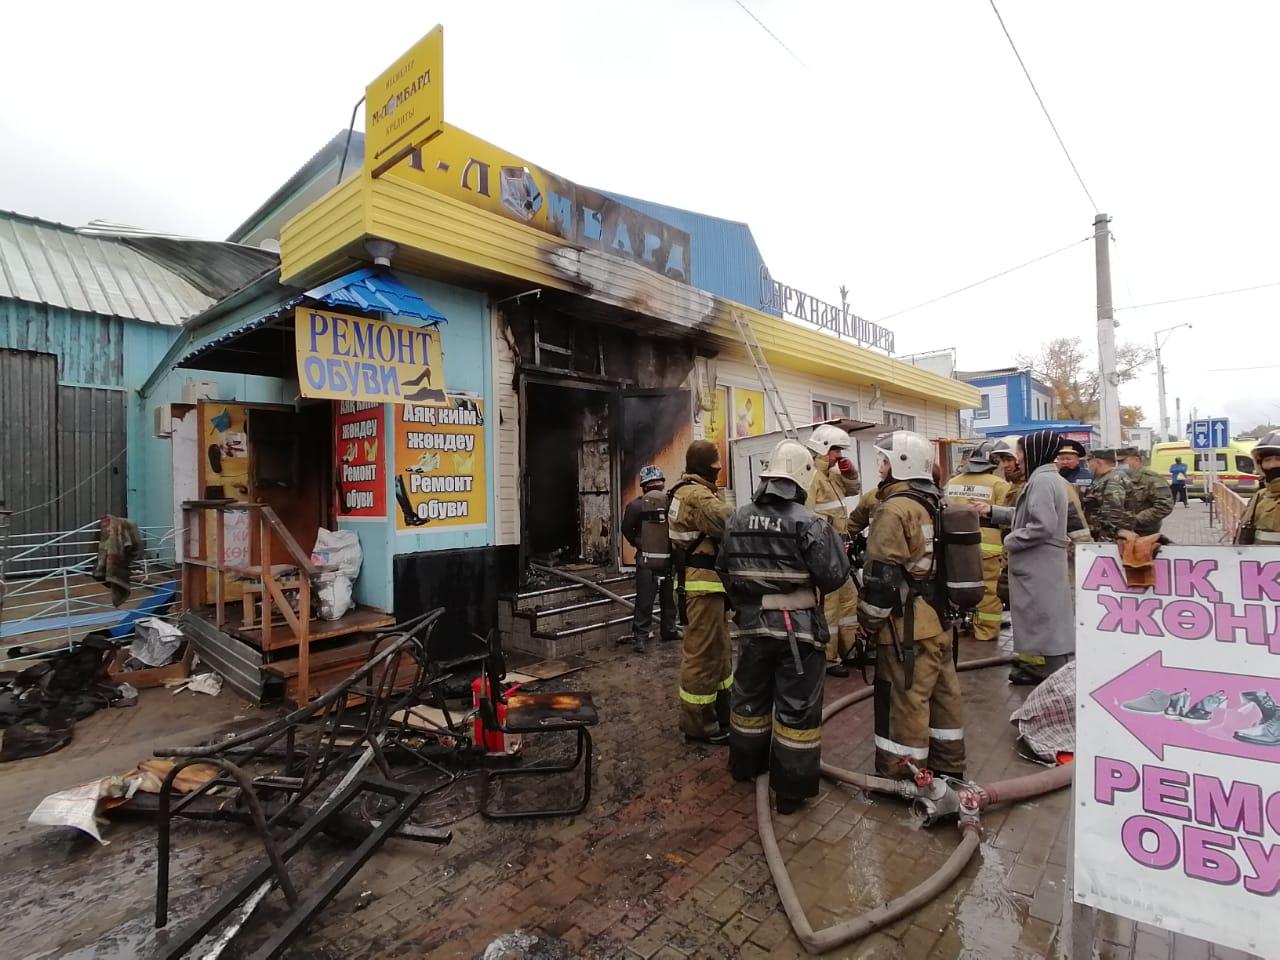 Около 60 человек экстренно вышли на улицу из соседних зданий, чтобы не задохнуться: подробности пожара в Костанае 2